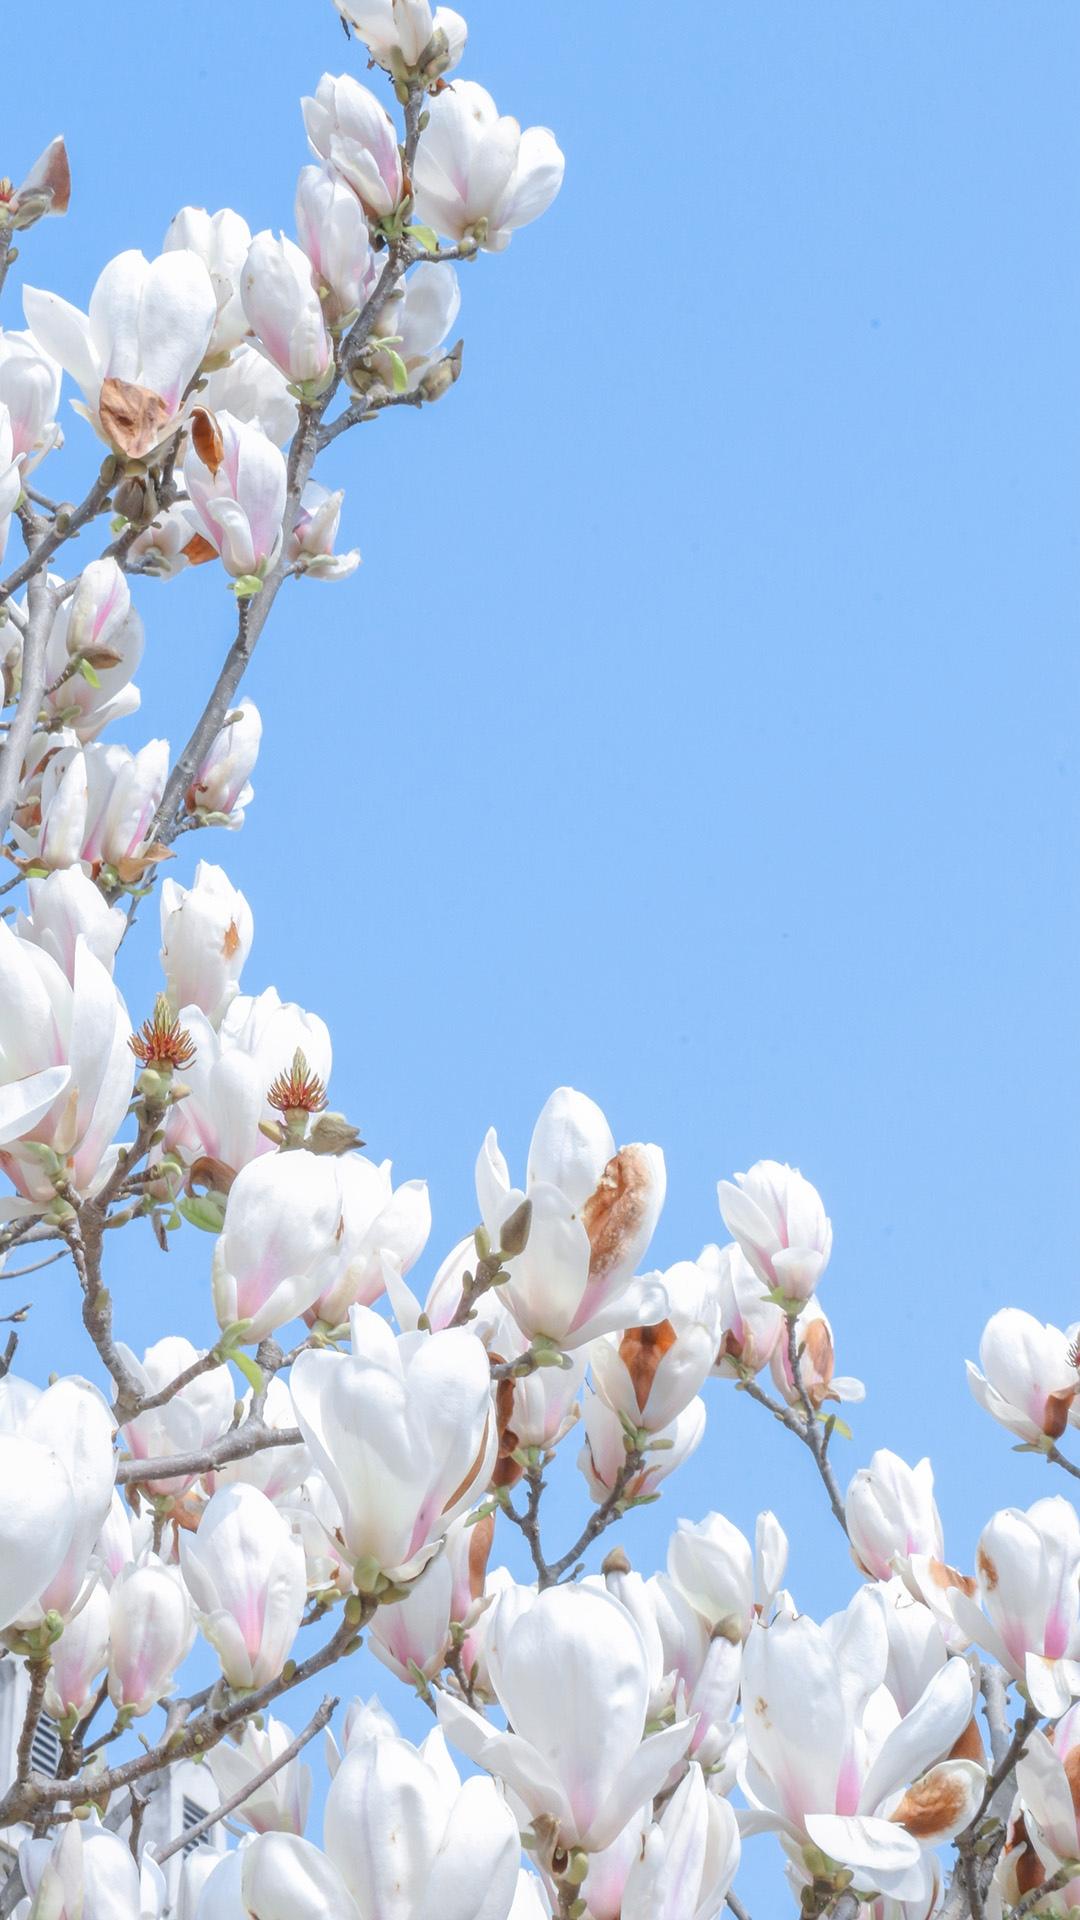 高雅有气质唯美玉兰花壁纸图片大全大图